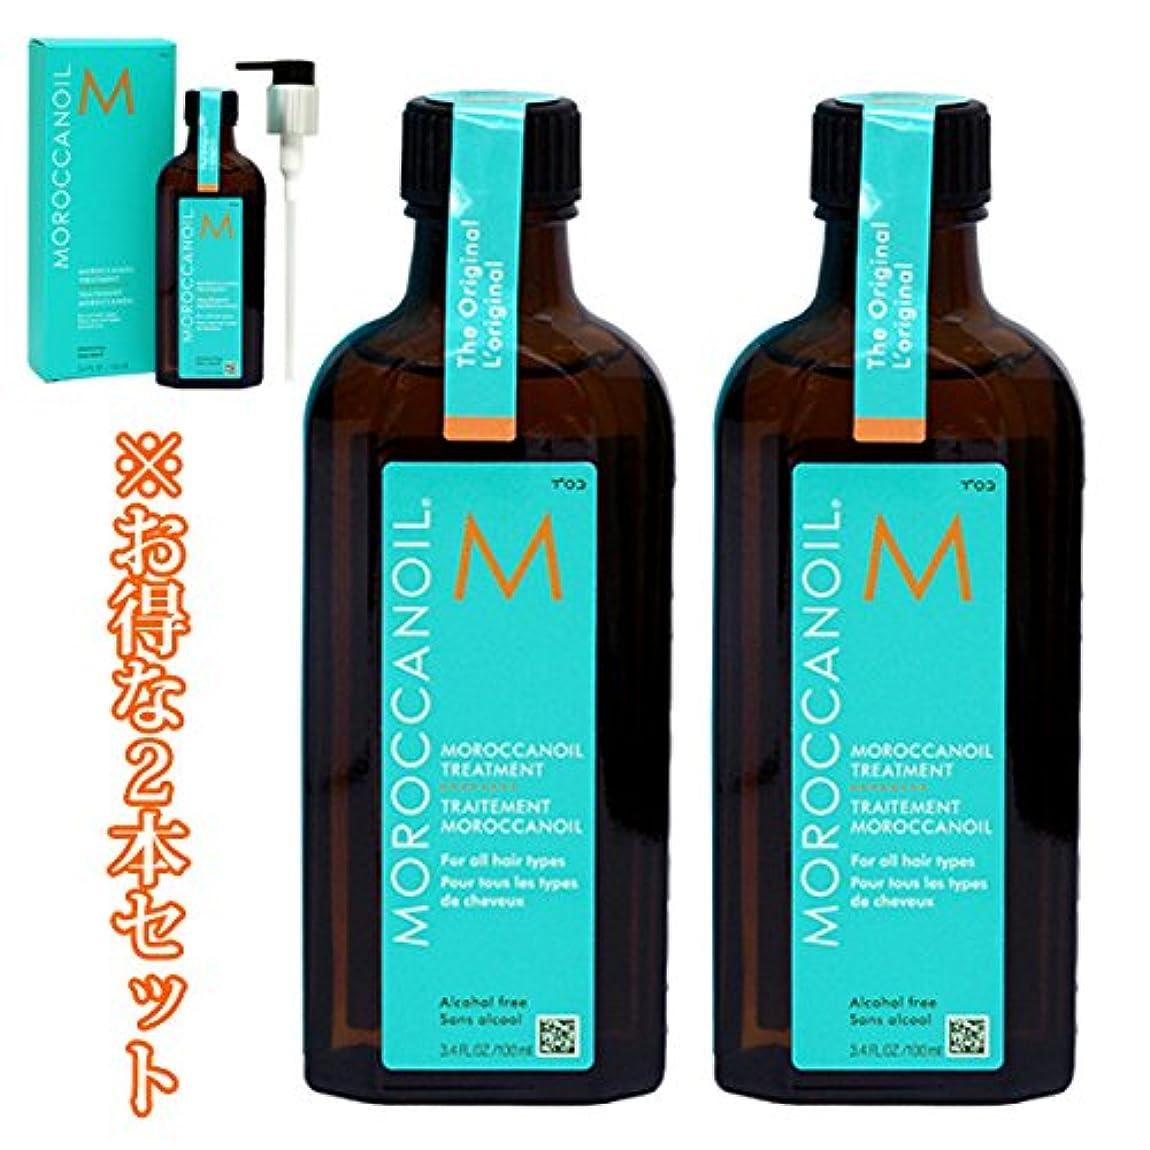 【国内サロン正規品】モロッカンオイル(MOROCCAN OIL) オイルトリートメント100ml(ポンプ付) ノーマルタイプ ※2本セット 洗い流さないヘアトリートメント